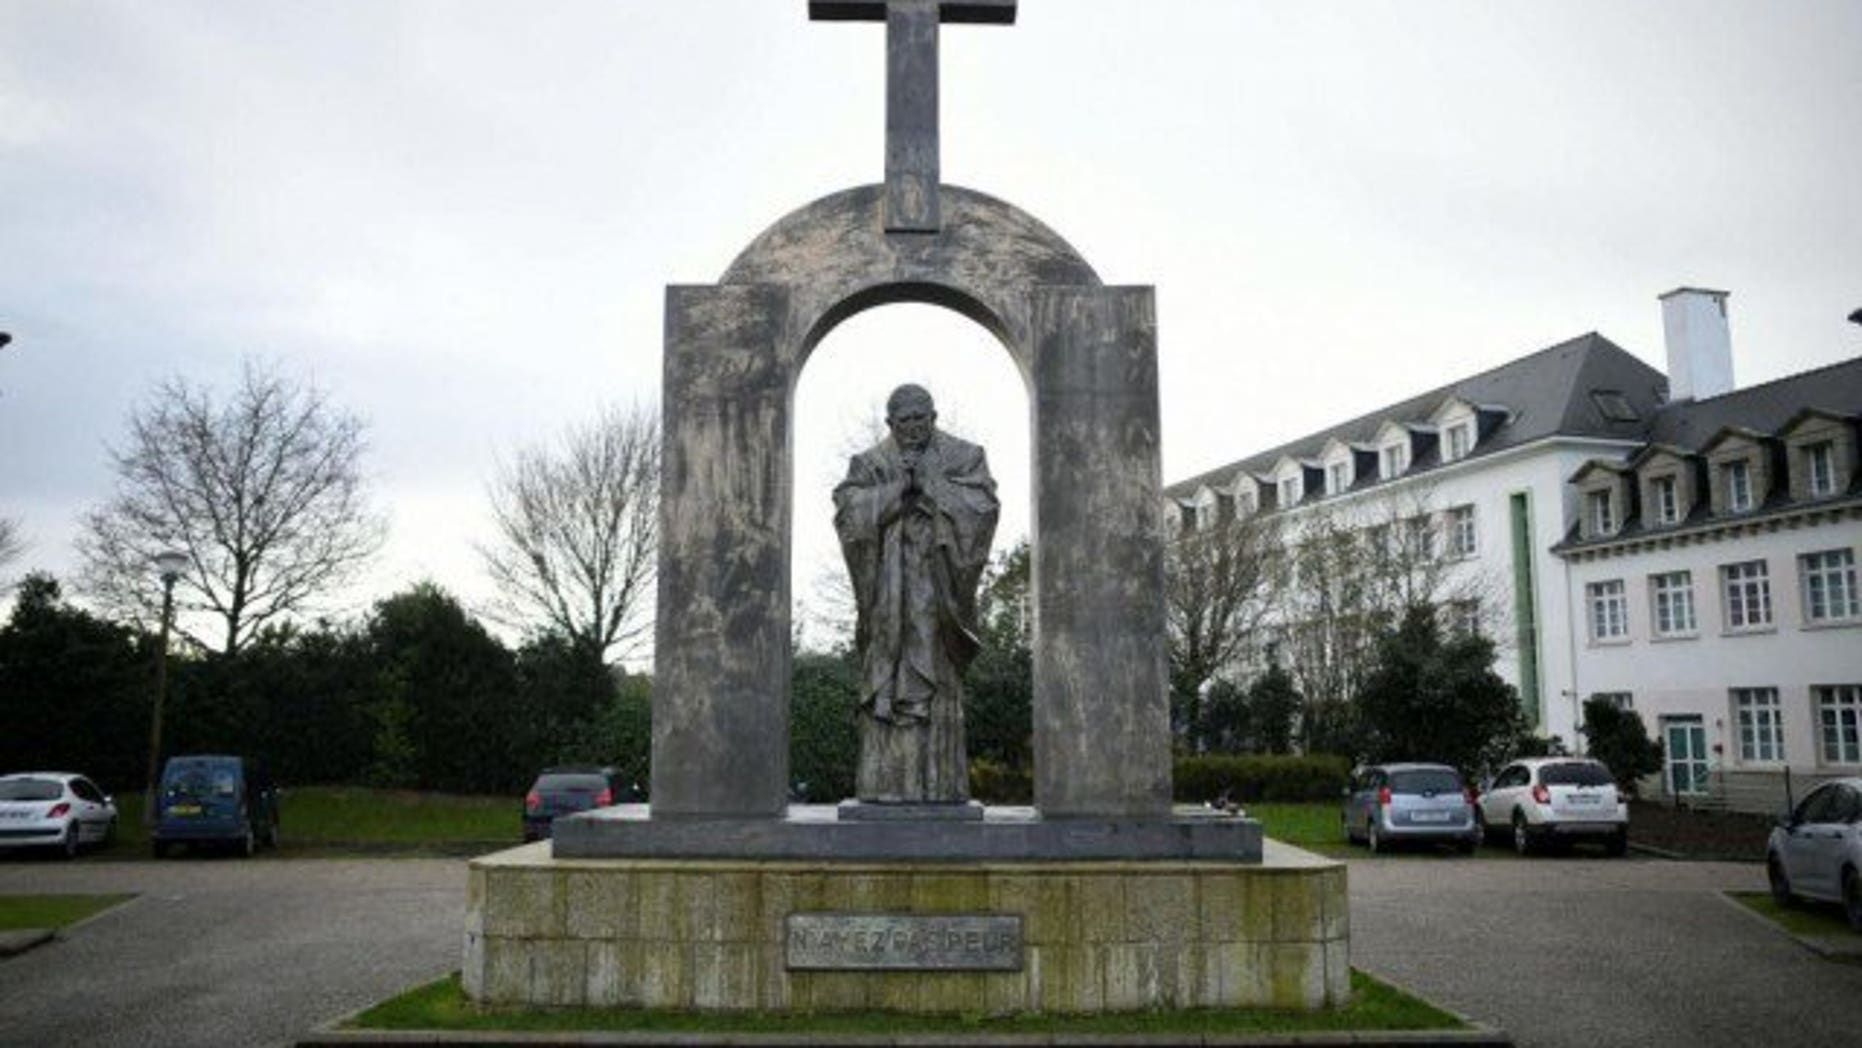 A statue of the late Pope John Paul II in Ploërmel, France.